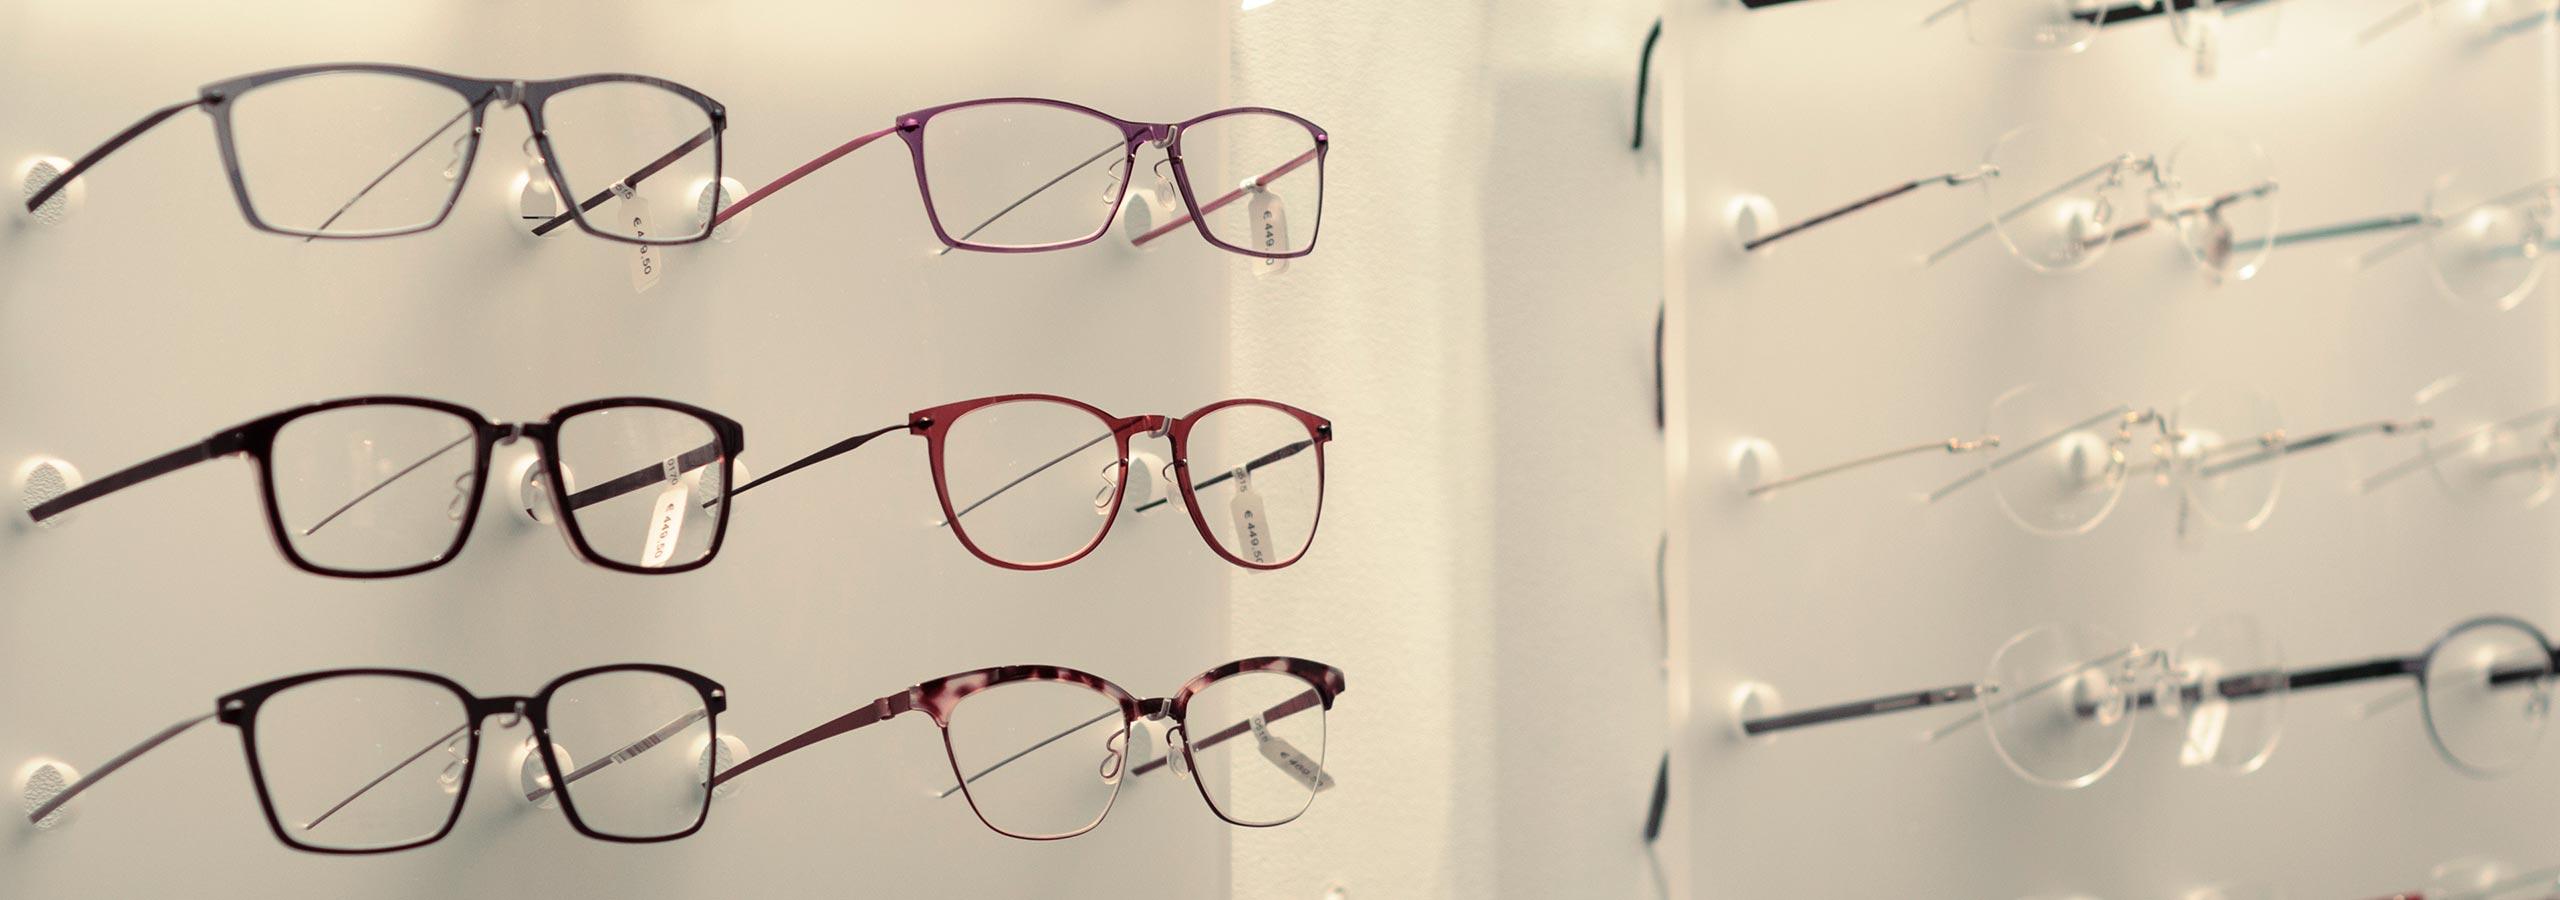 1cfee6131650e1 De beste brillen- en zonnebrillenmerken in BERGEN NH